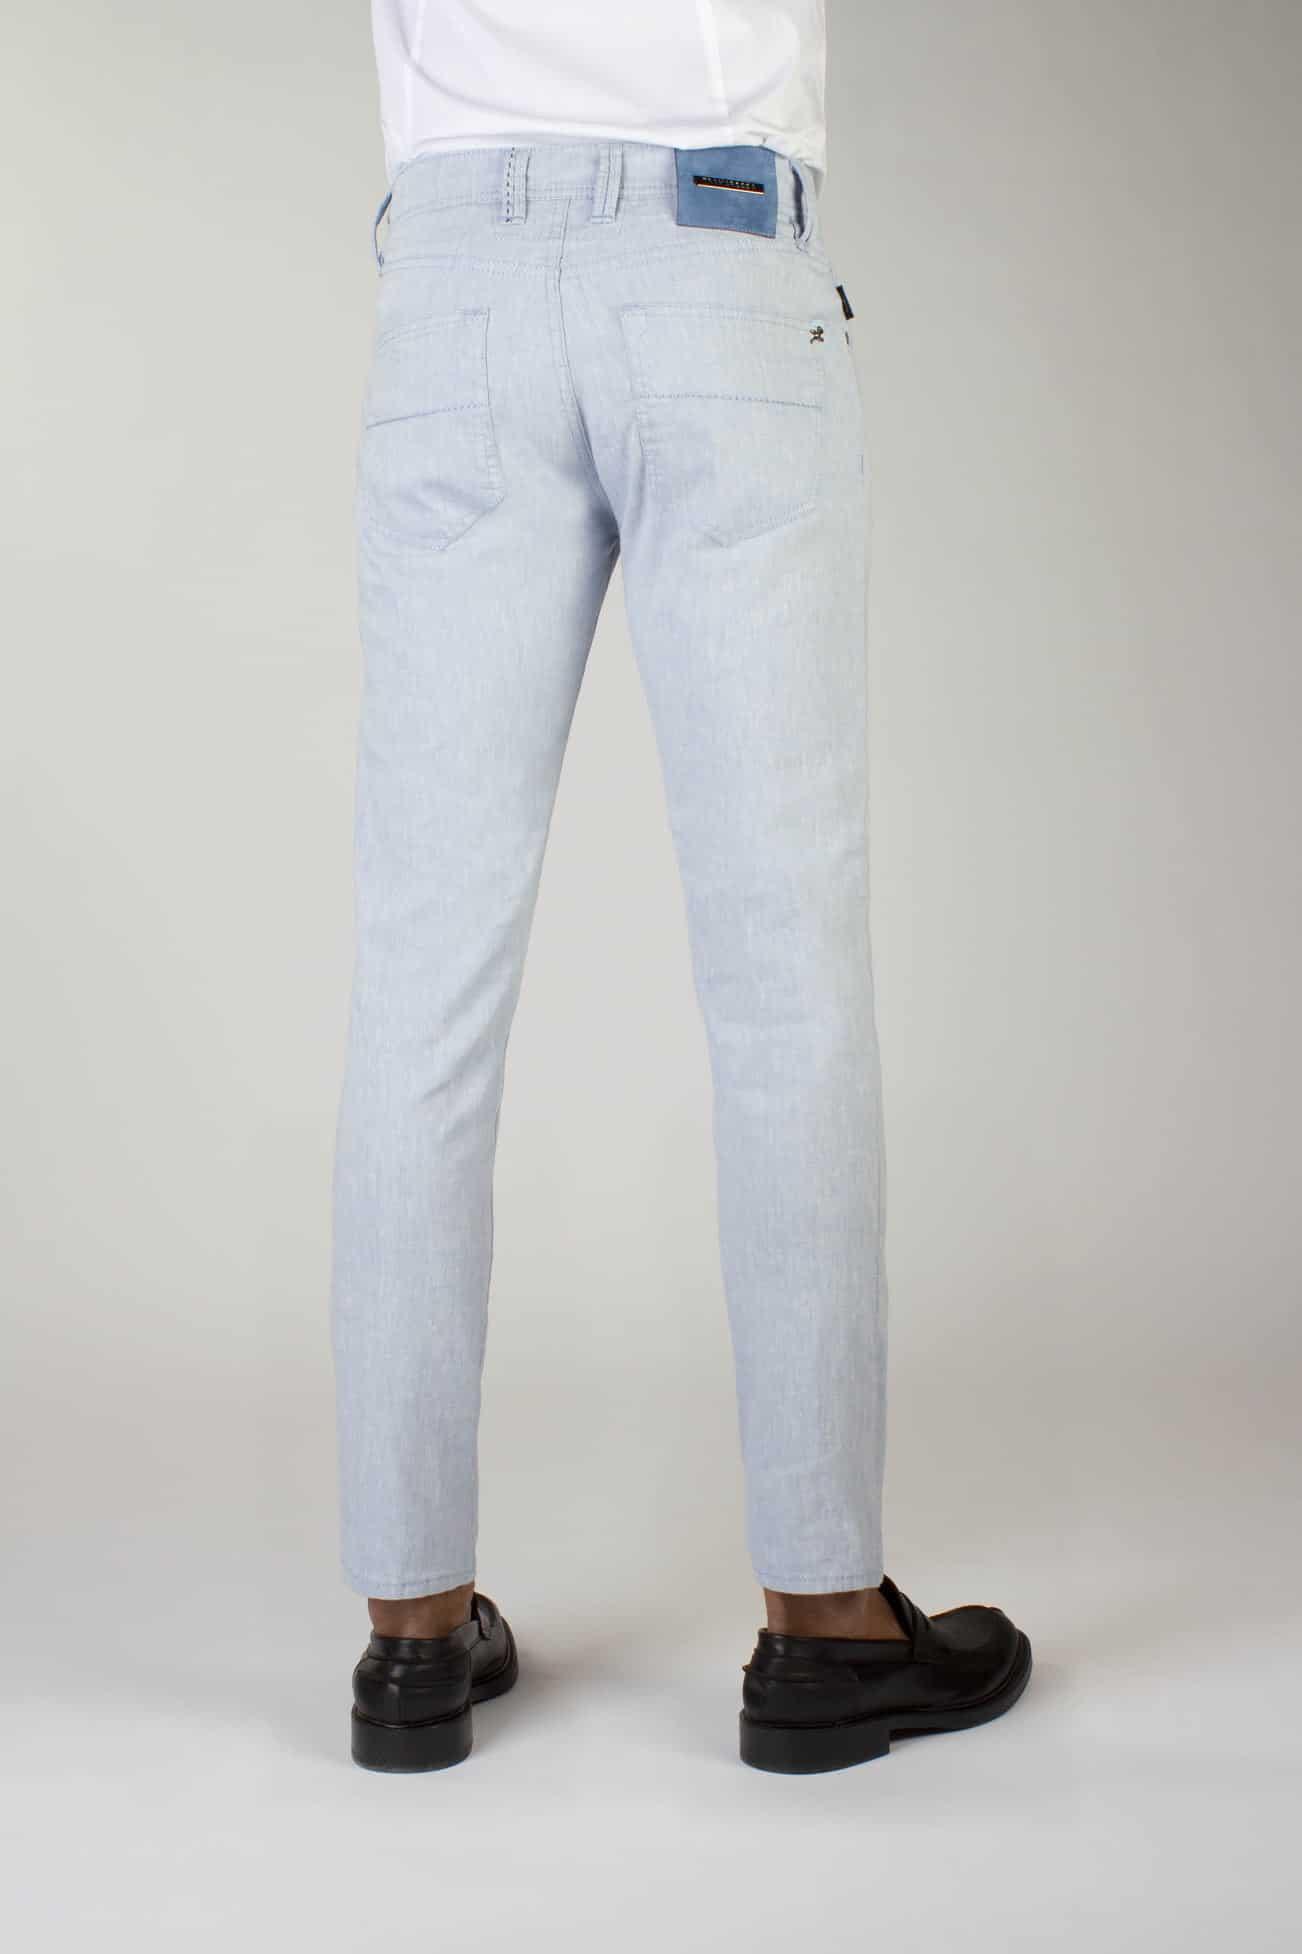 Nowe modele jeansów od Tramarossa.